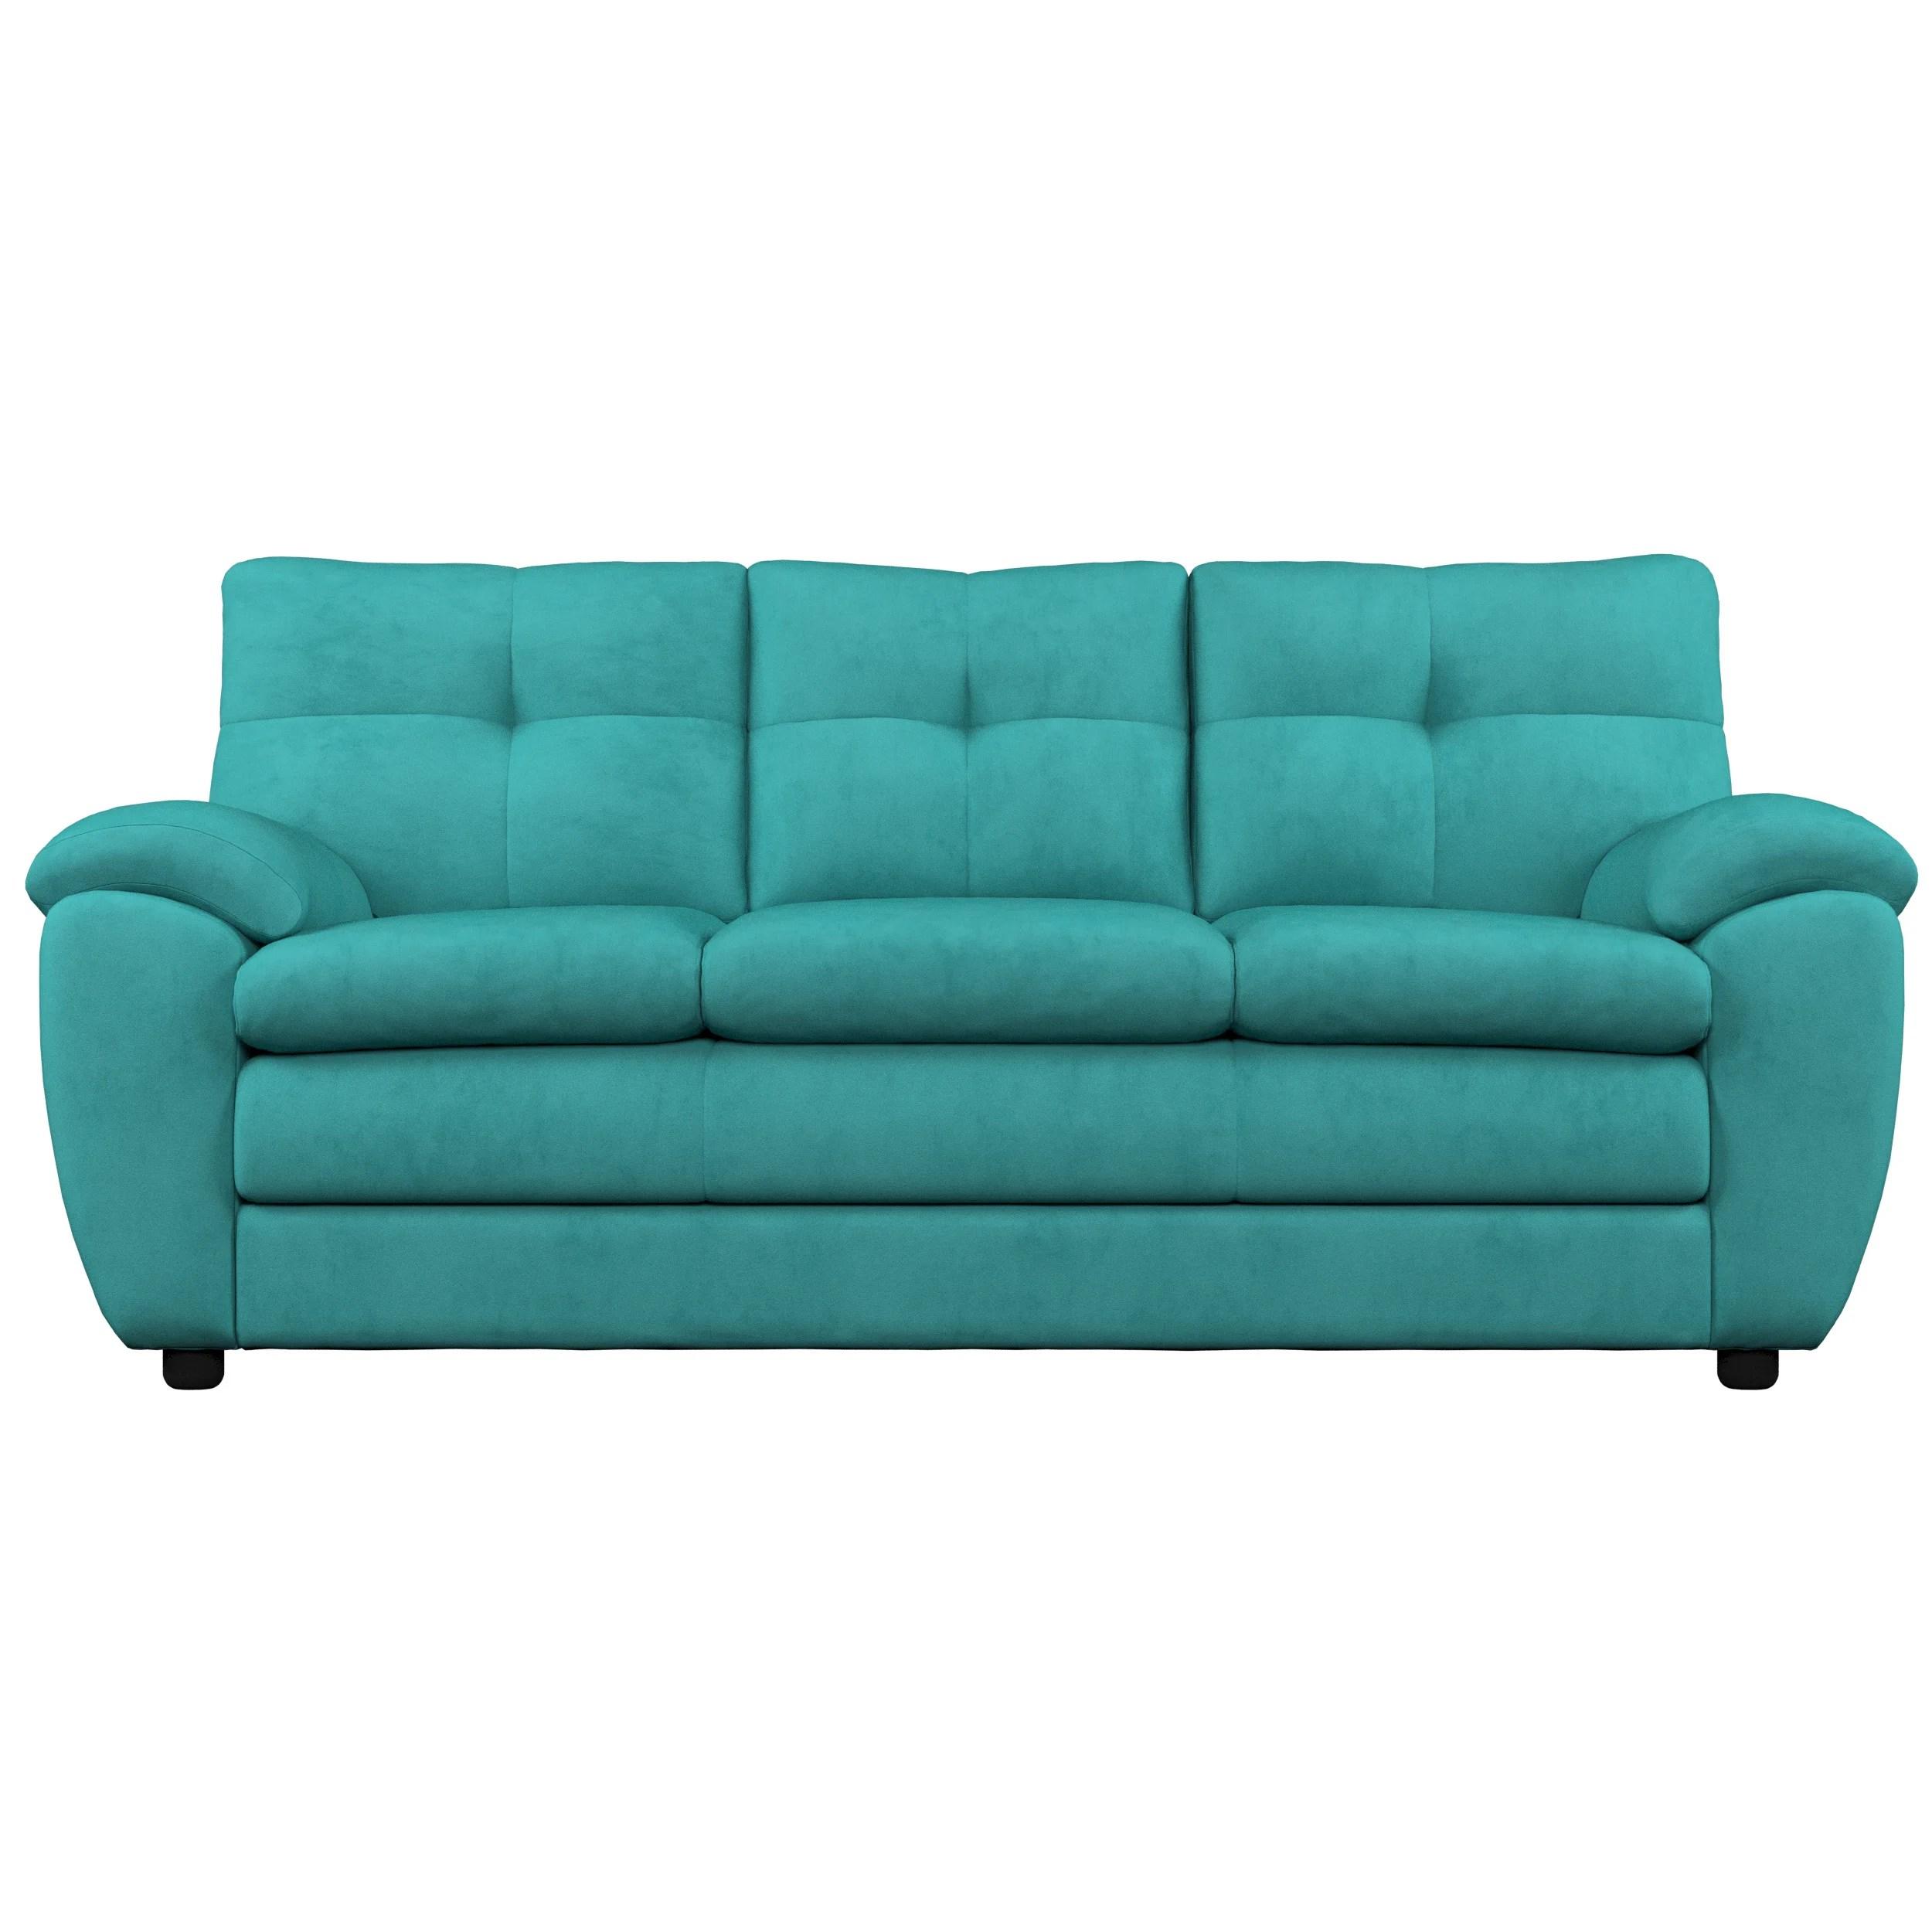 beneduce microfiber 84 w pillow top arm sofa